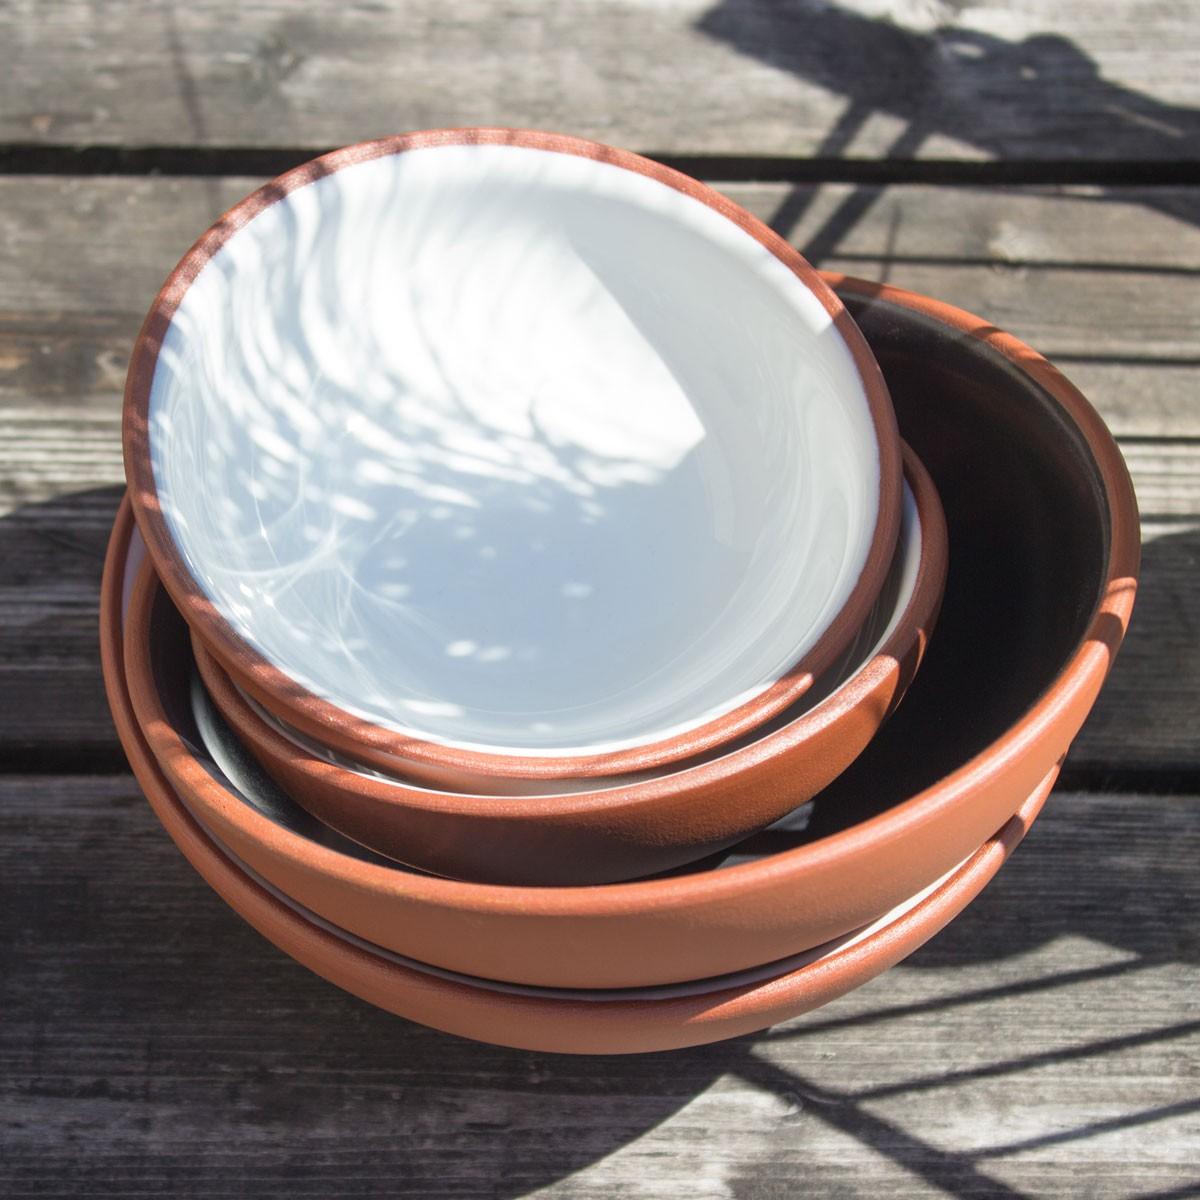 Collection Earth - Kleine Tonschale - Ø 12,5 cm - 0,2 Liter von Vaidava Ceramics